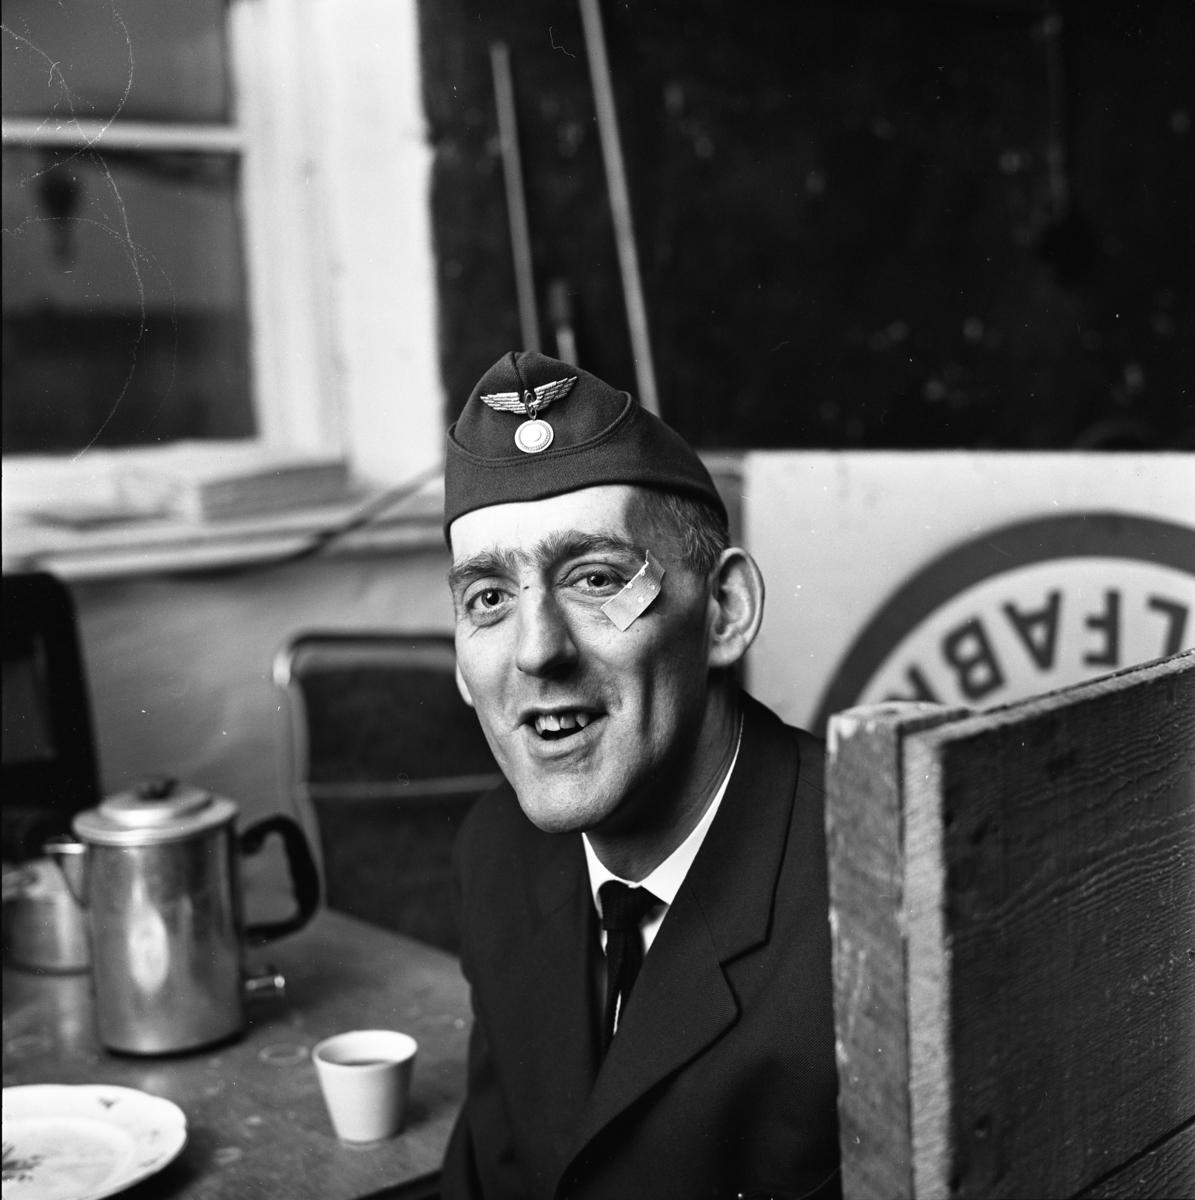 Arne Fallkvist/Arne Fallqvist har kafferast på taxistationen. En kaffepanna och en kopp står på bordet. Arne bär båtmössa. Han har ett plåster under ögat. Troligen skadade han sig under en ishockeymatch. Arne är en mycket duktig målgörare. Porträtt av man i arbetsuniform.